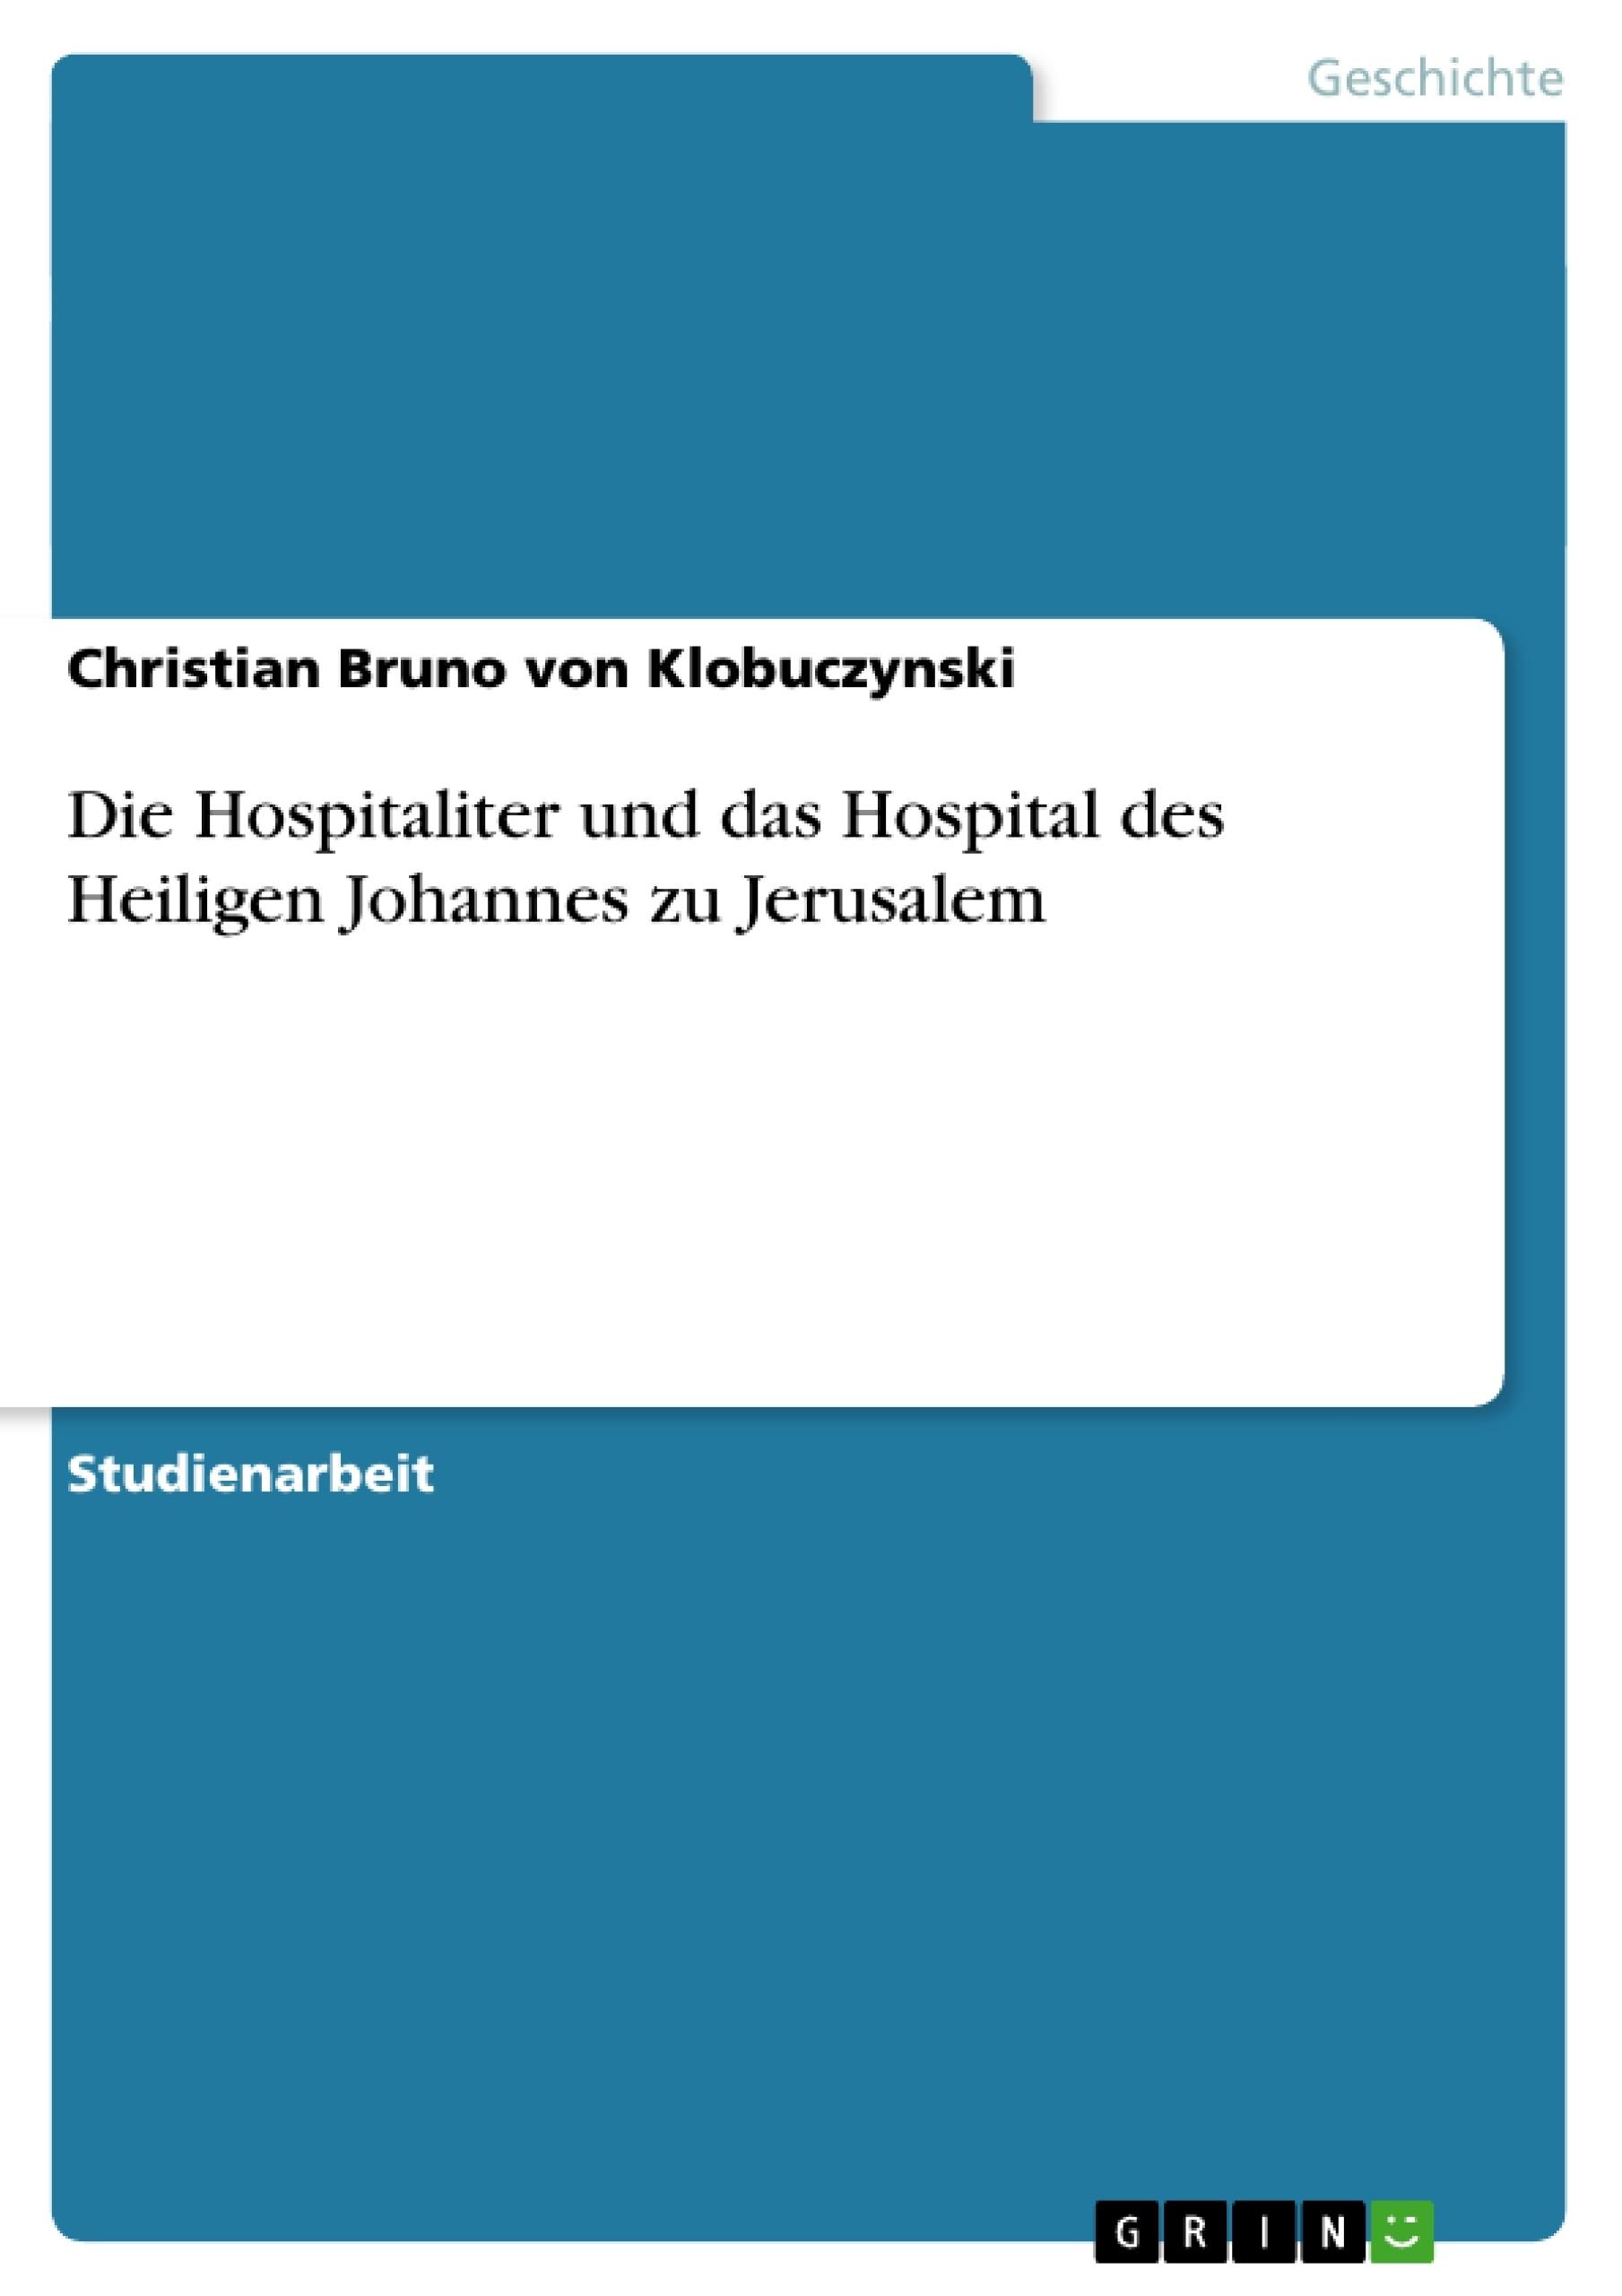 Titel: Die Hospitaliter und das Hospital des Heiligen Johannes zu Jerusalem